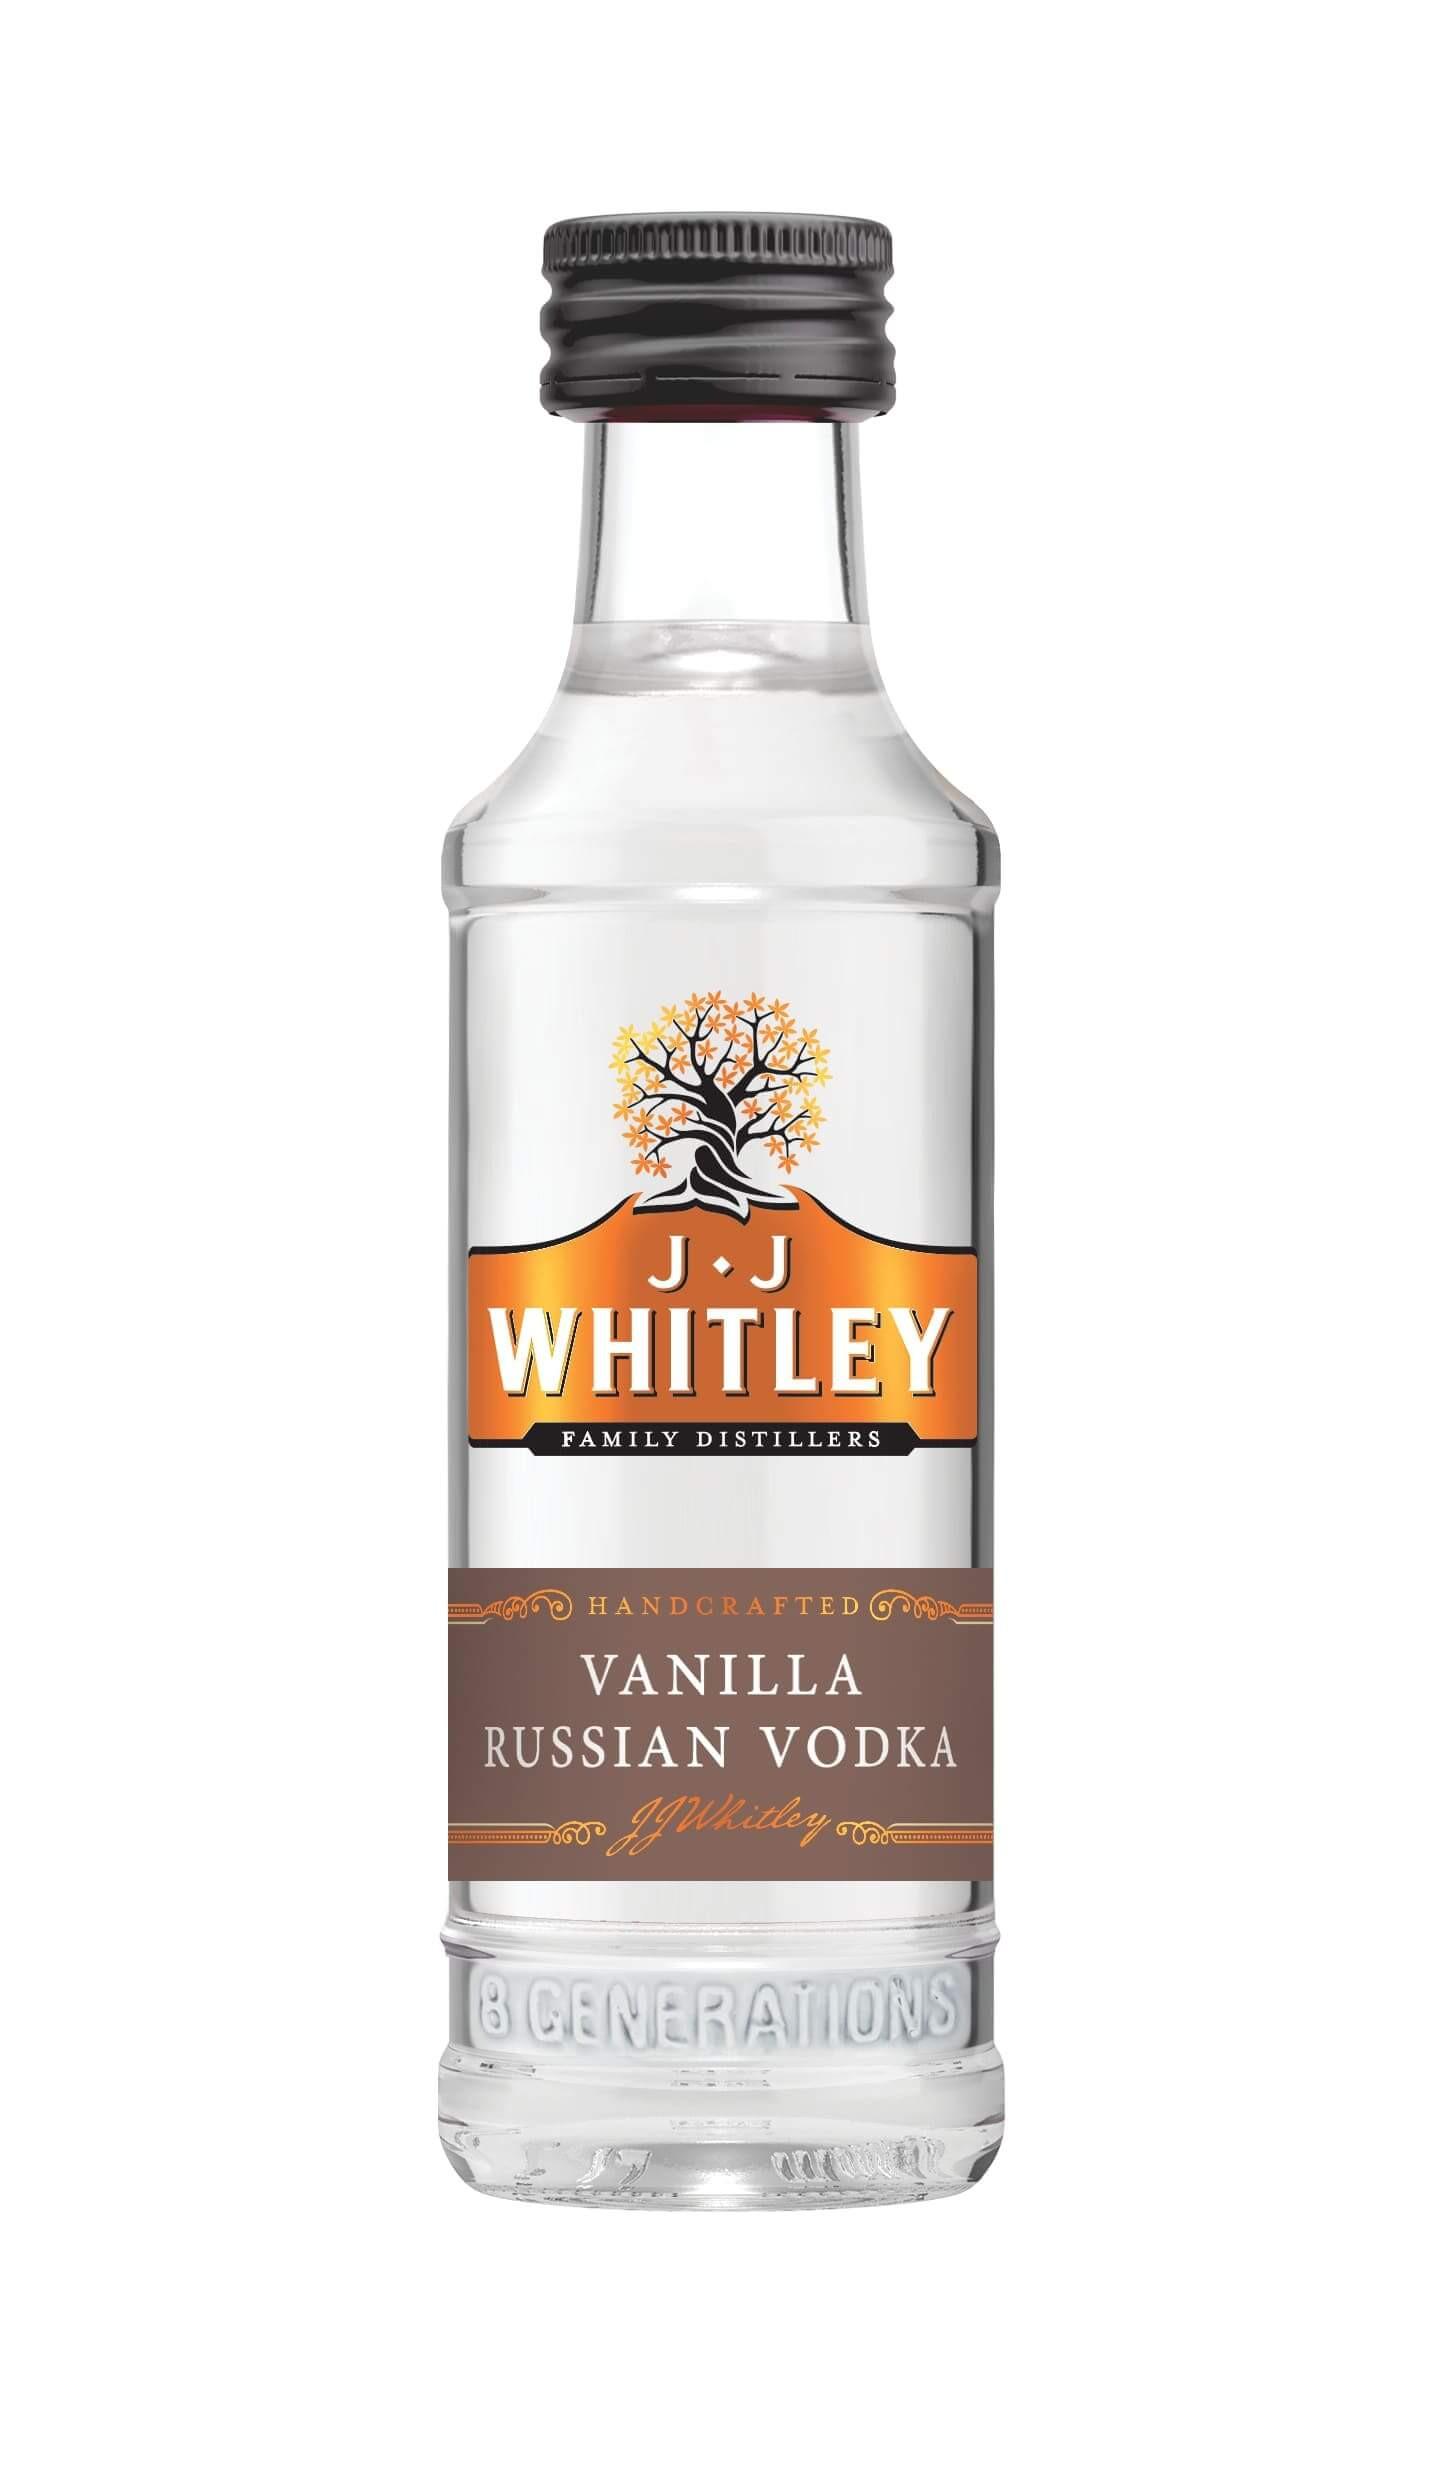 JJ Whitley Vanilla Vodka Miniature 5cl